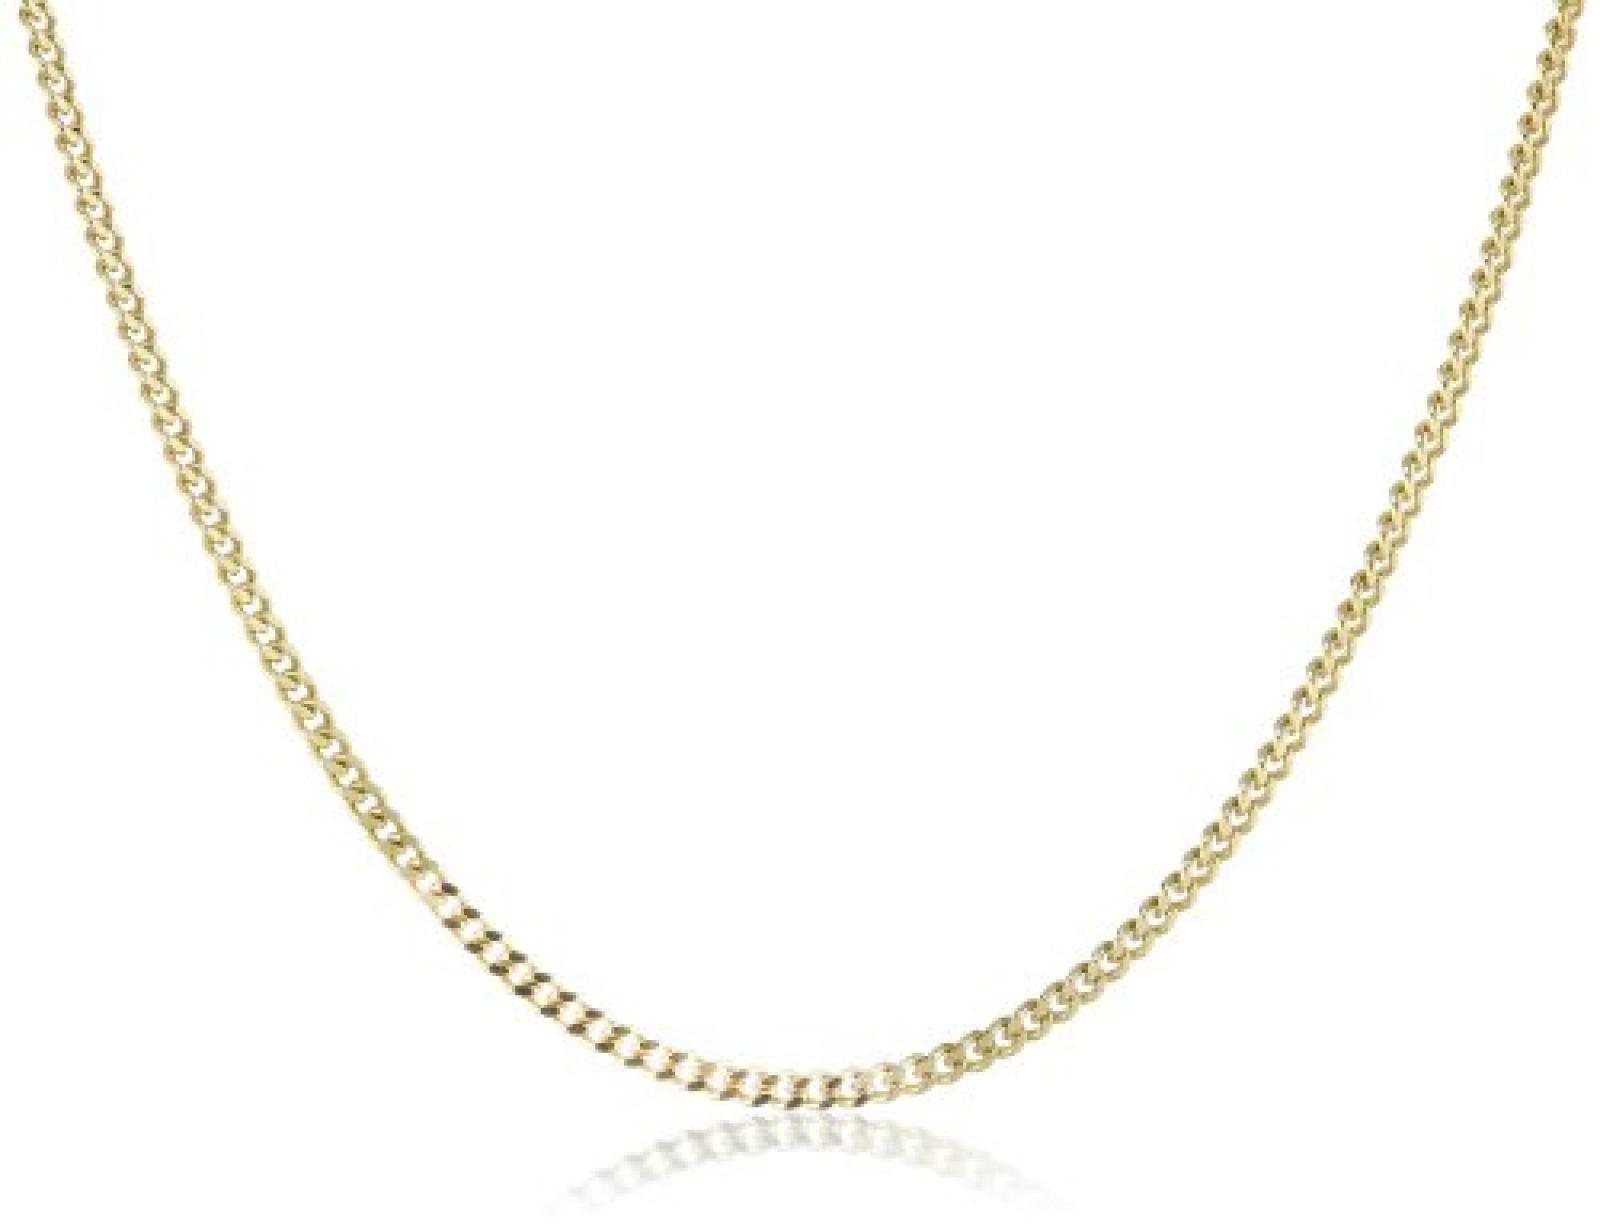 Amor Jewelry Unisex-Halskette 8 Karat 333 Gelbgold 74308